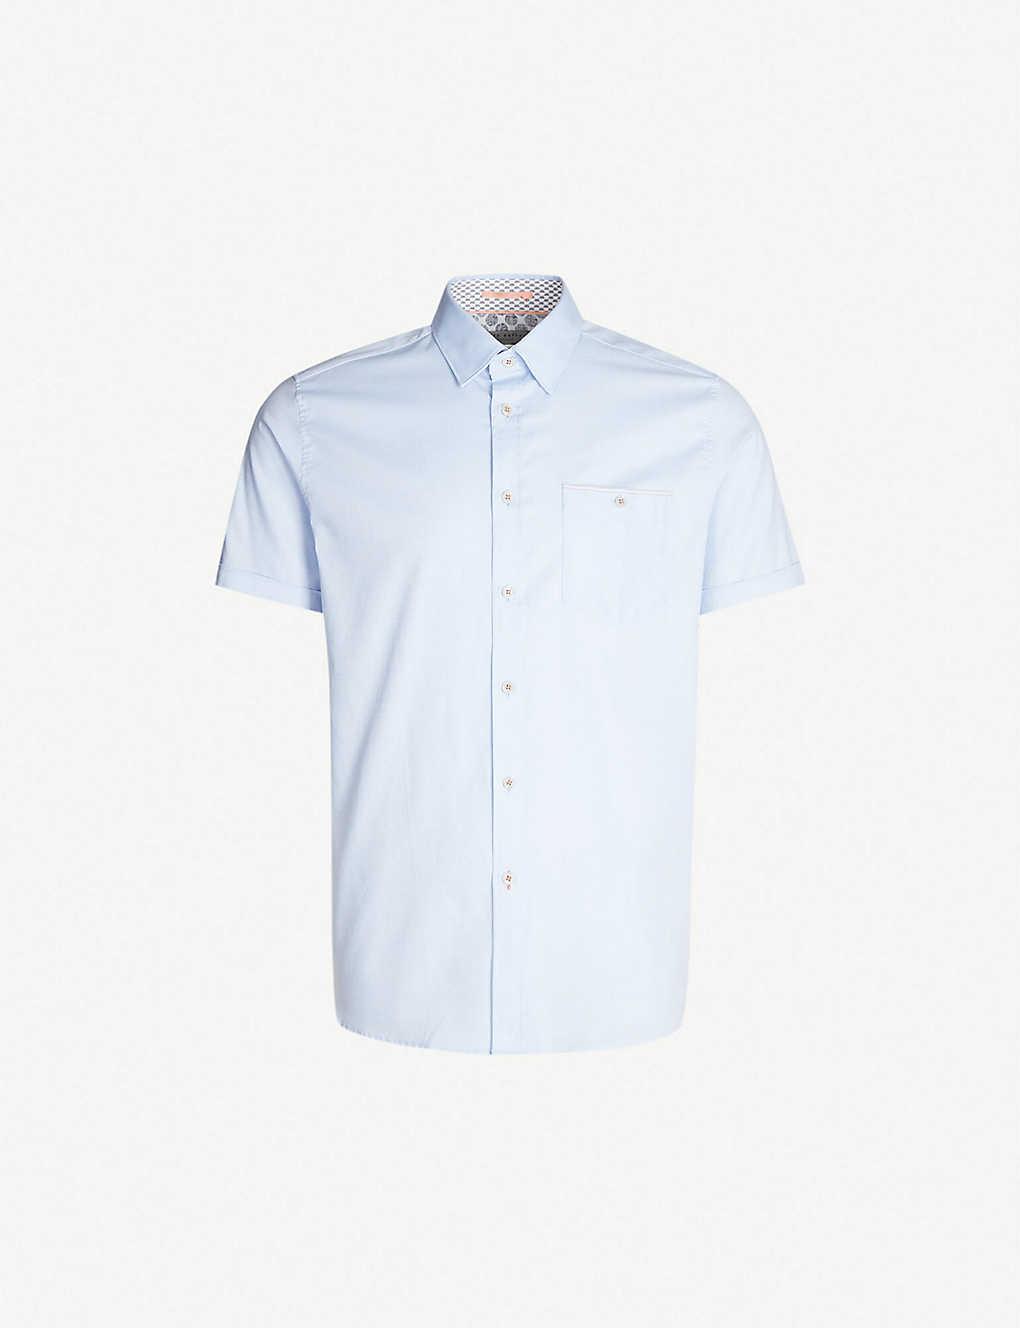 ed3a0017 TED BAKER - Wallabi regular-fit cotton-pique shirt | Selfridges.com